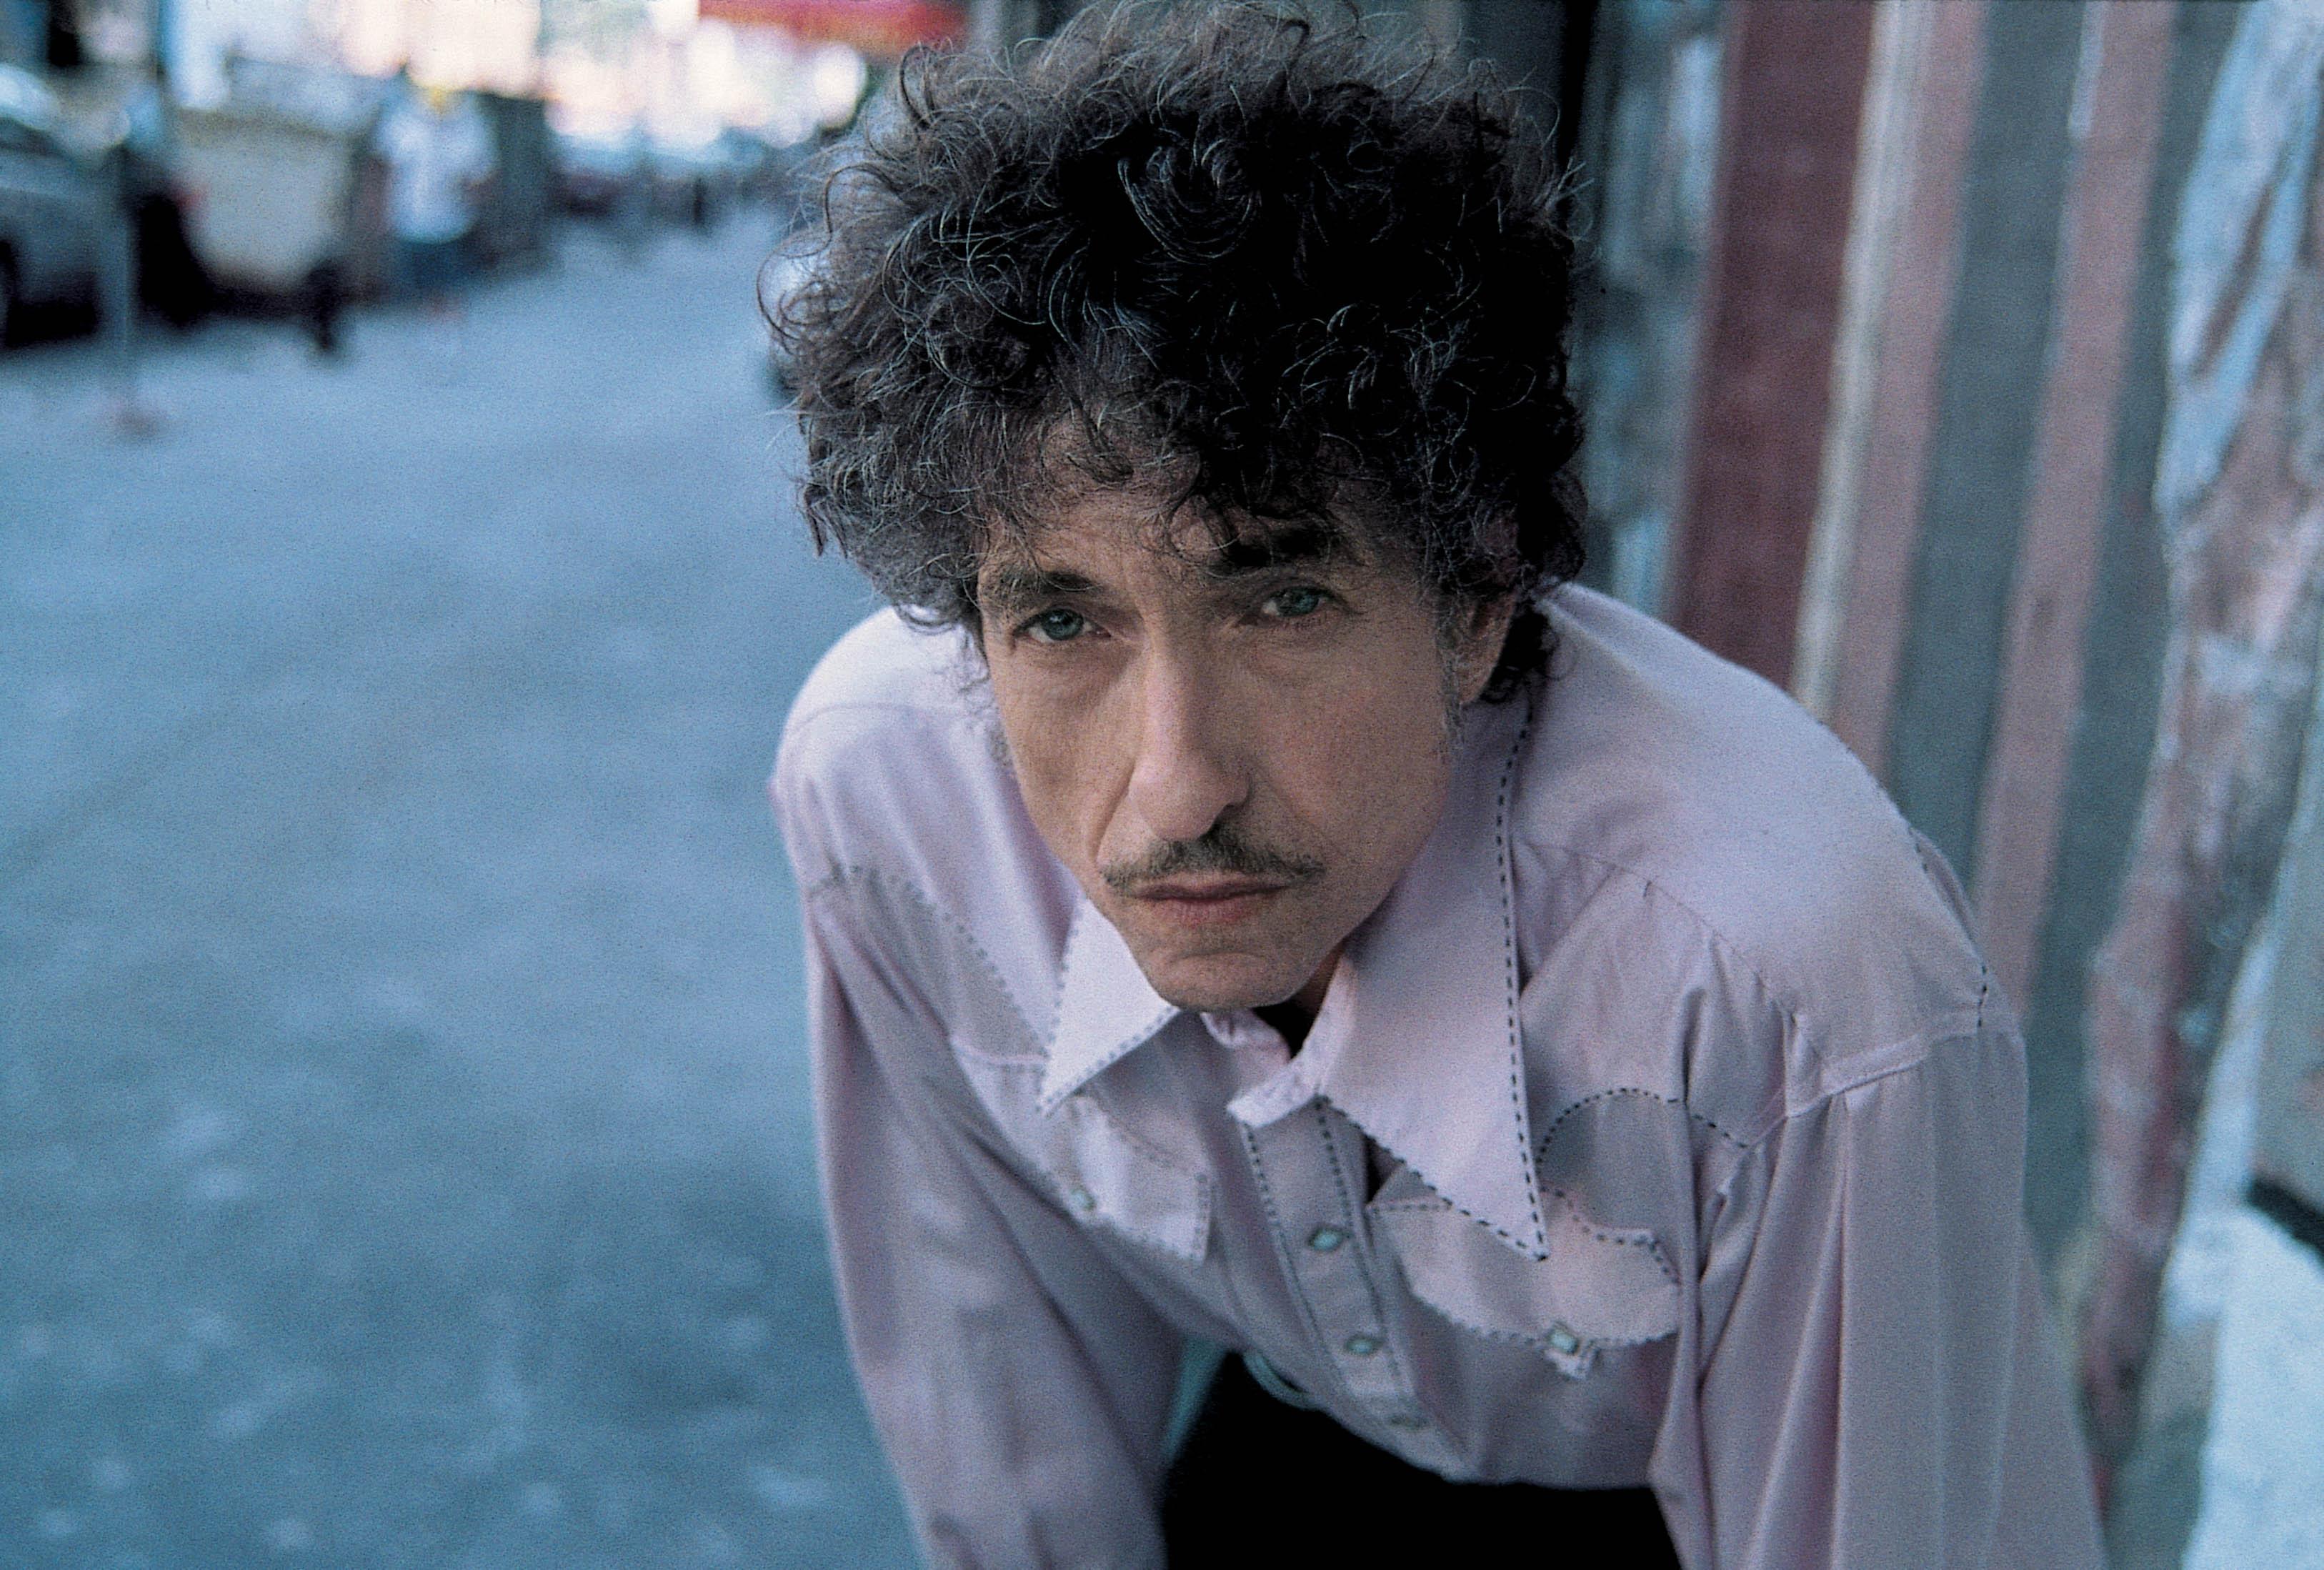 Da Dylan kom til middag – og andre historier